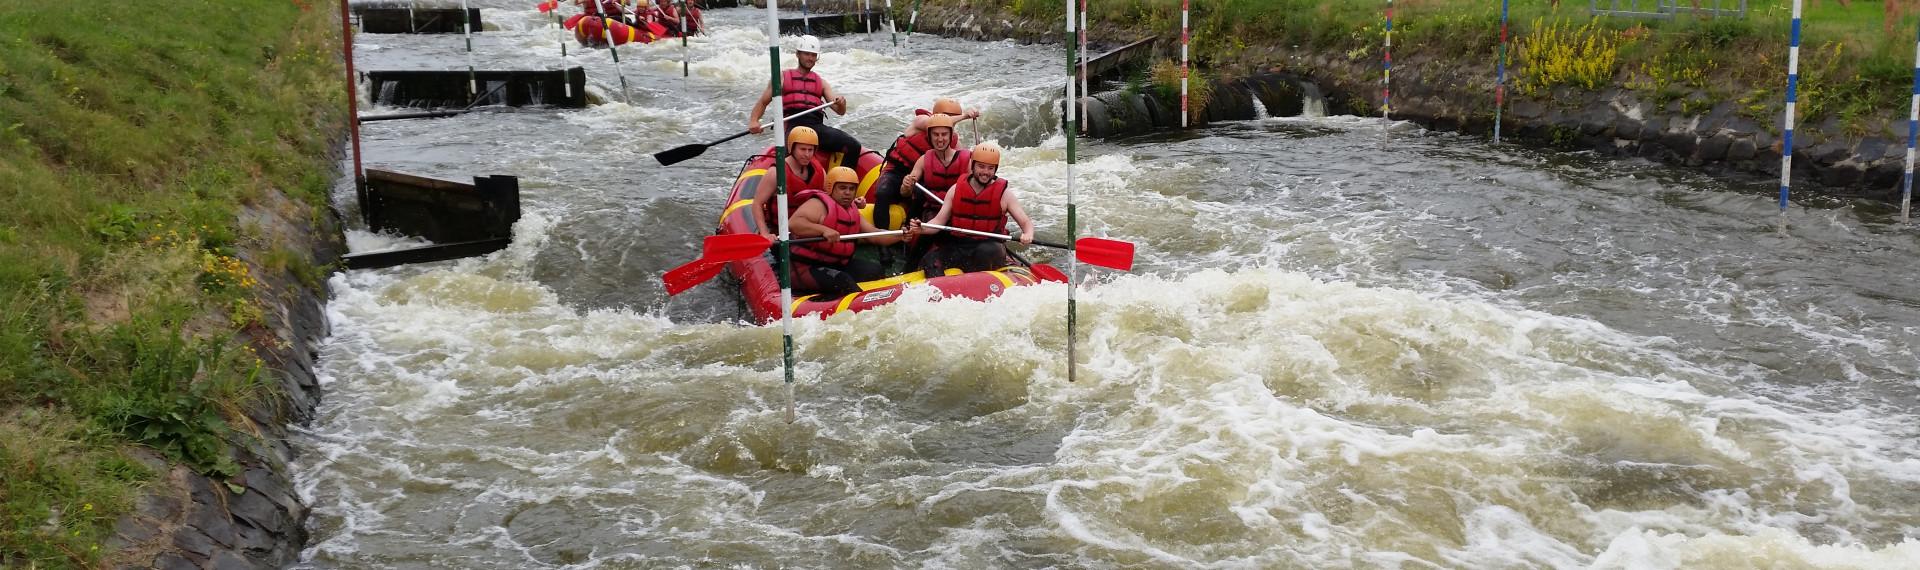 White Water Rafting Prag